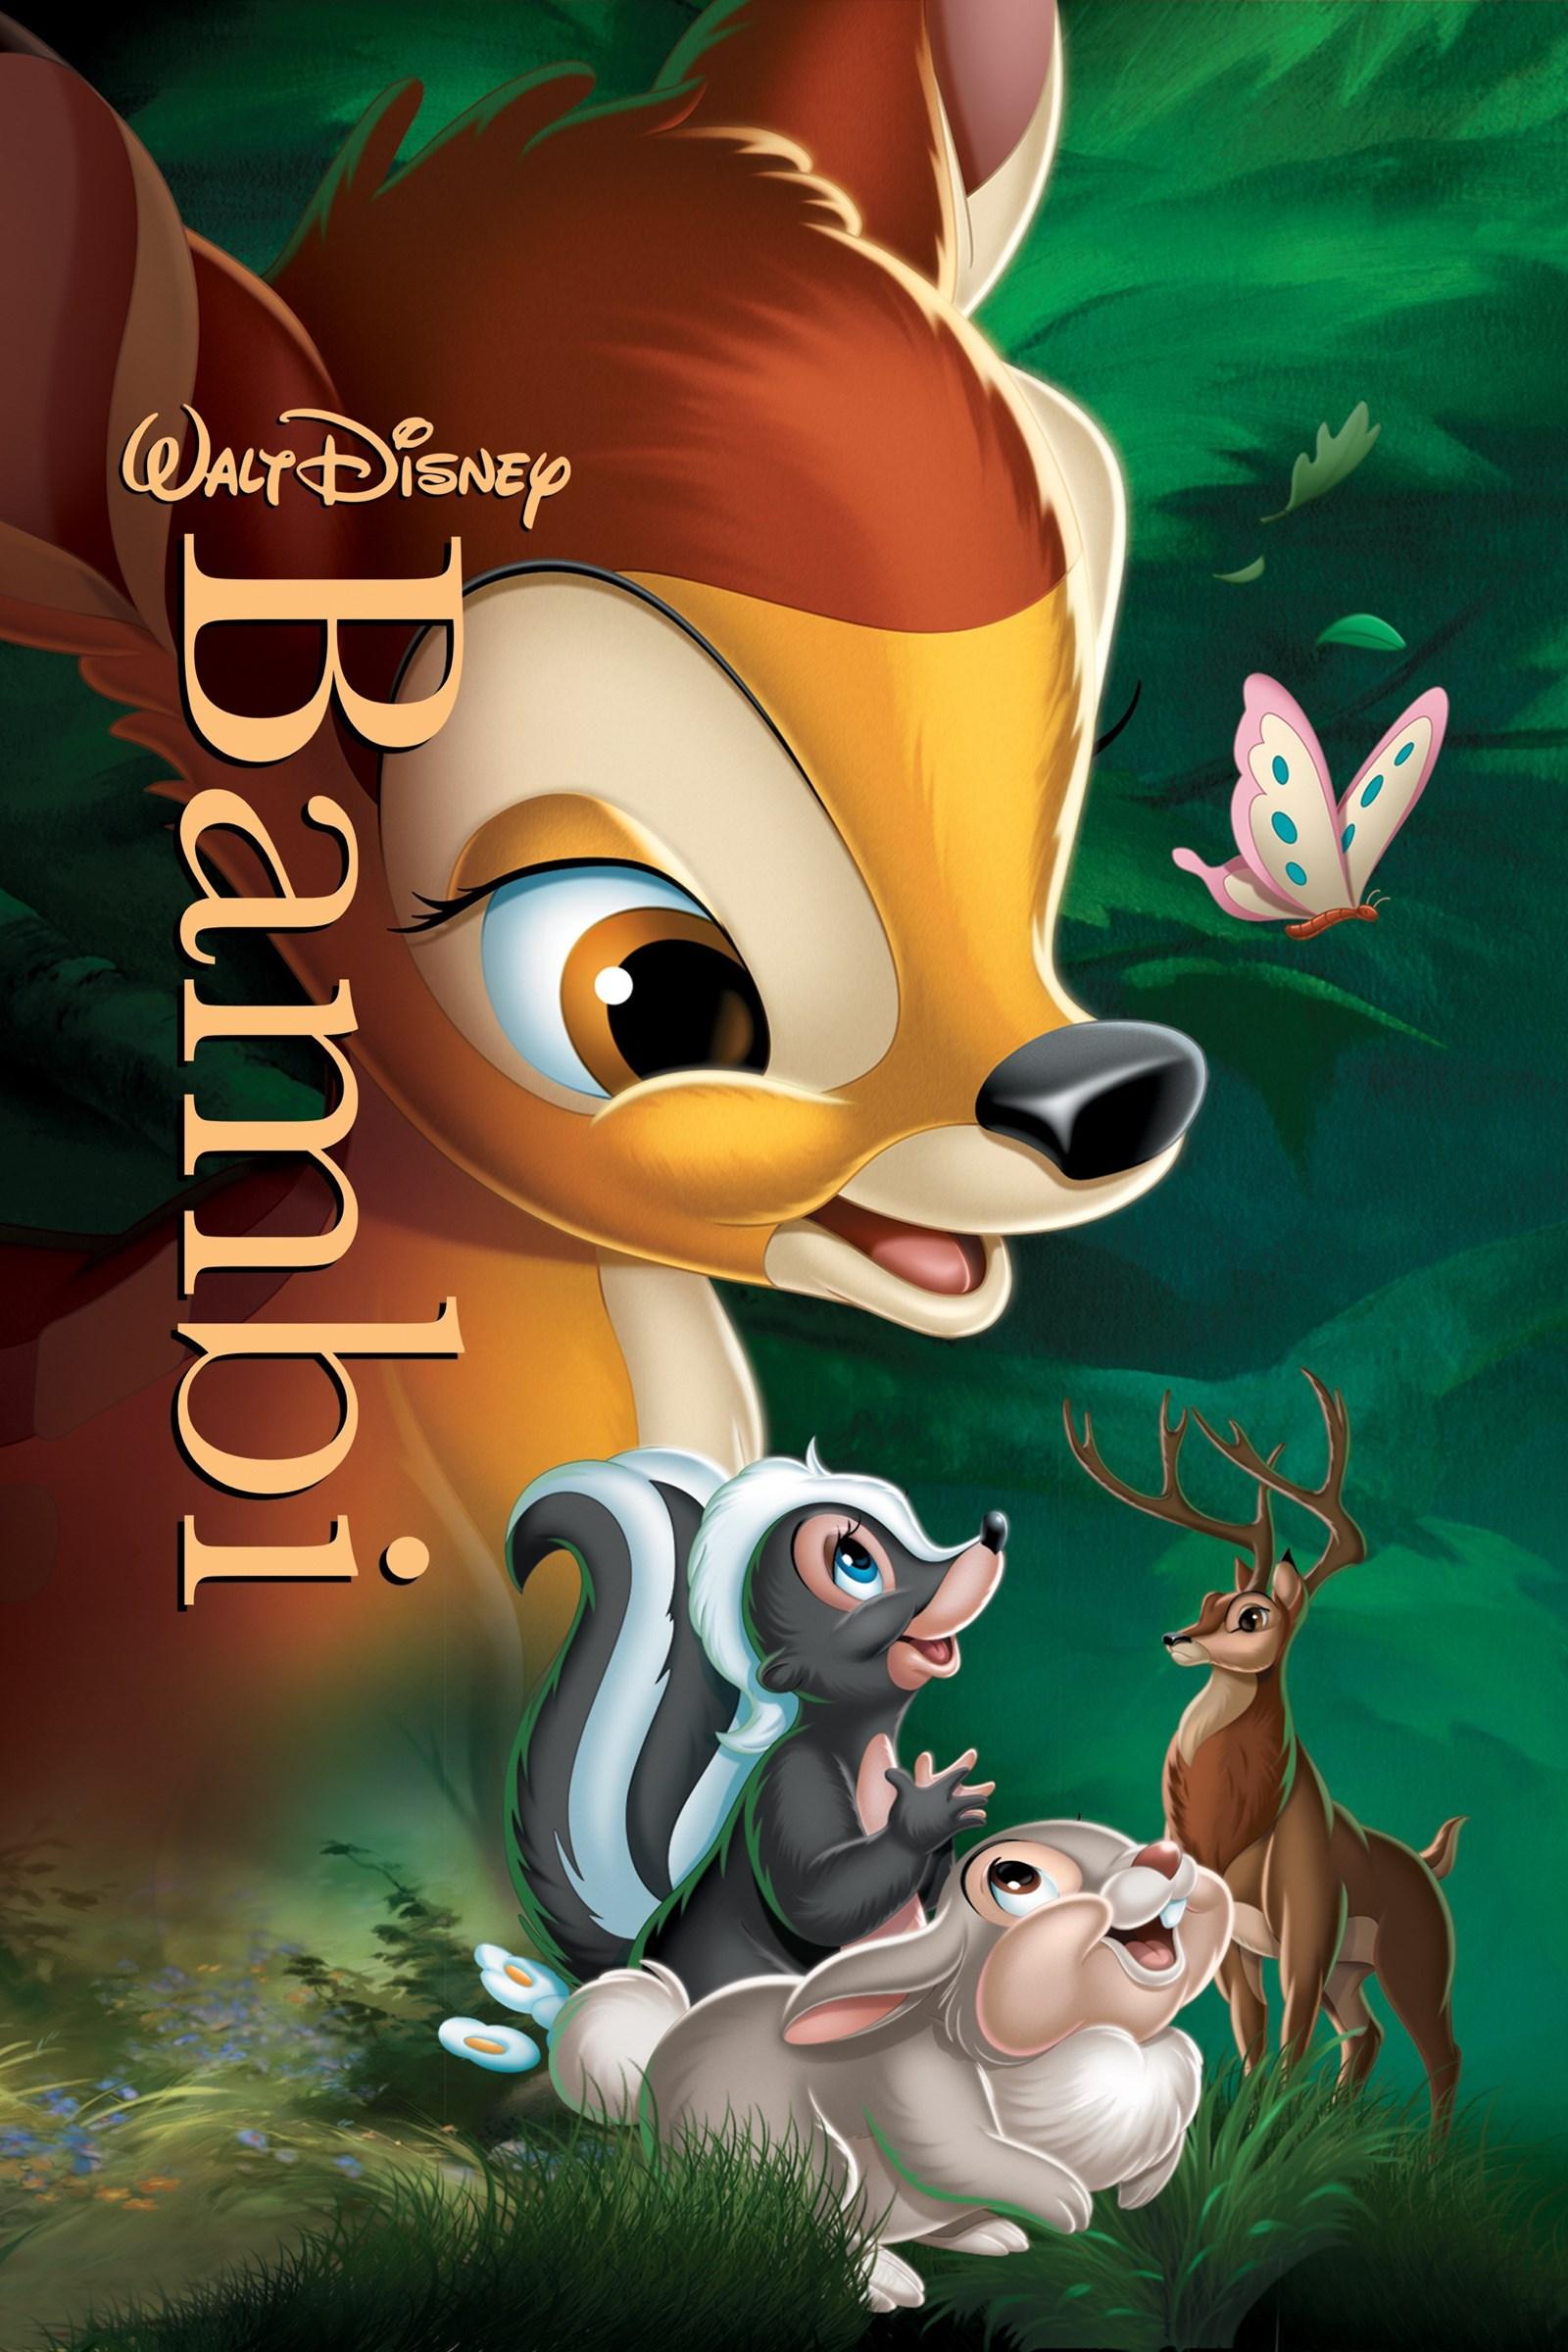 دانلود کارتون انیمیشنی Bambi 1942